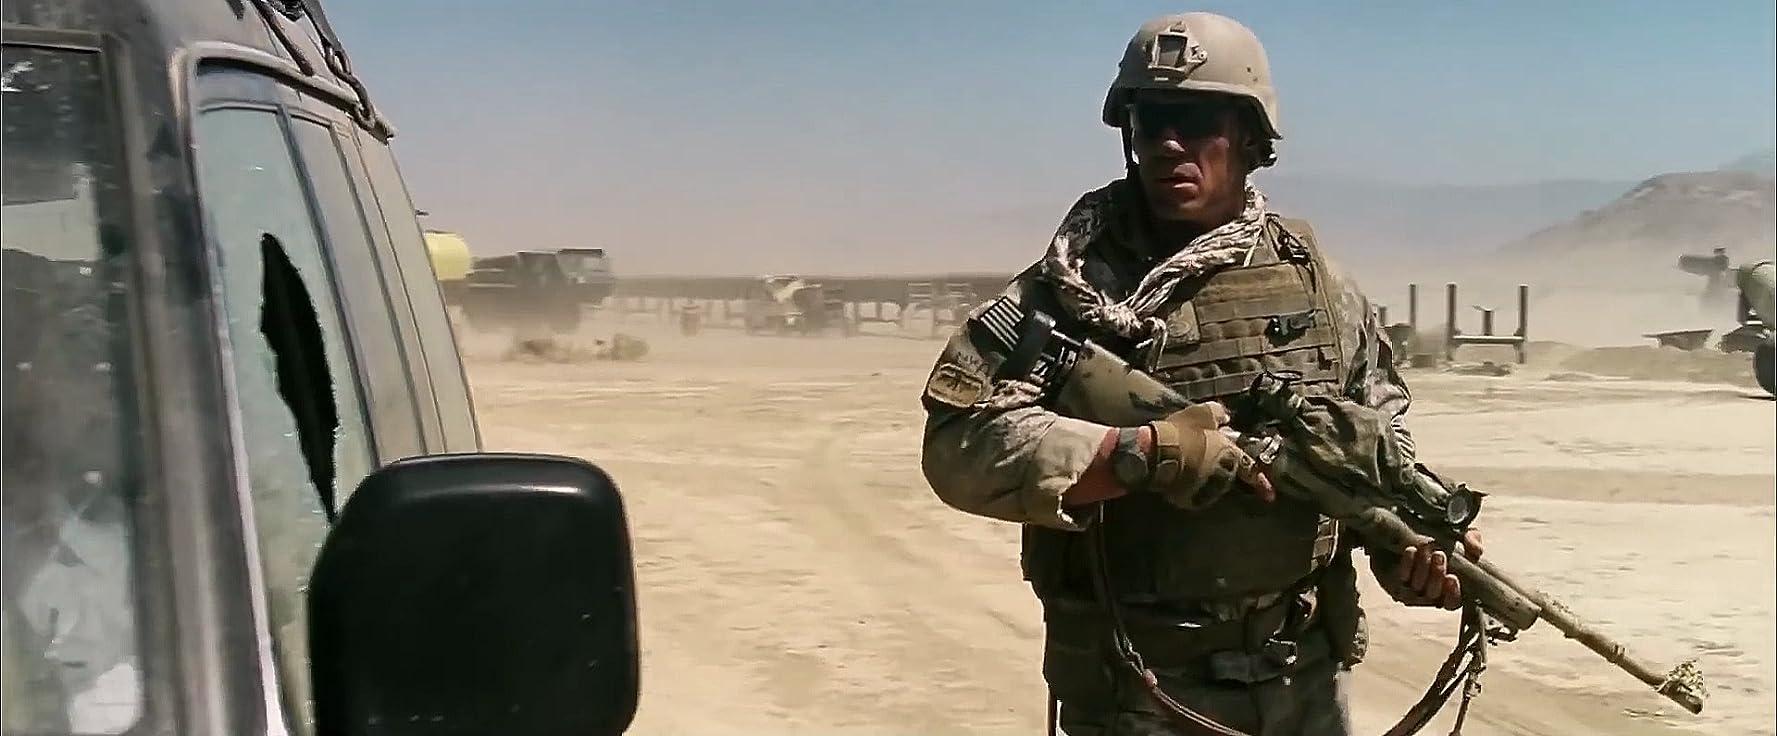 John Cena in The Wall (2017)